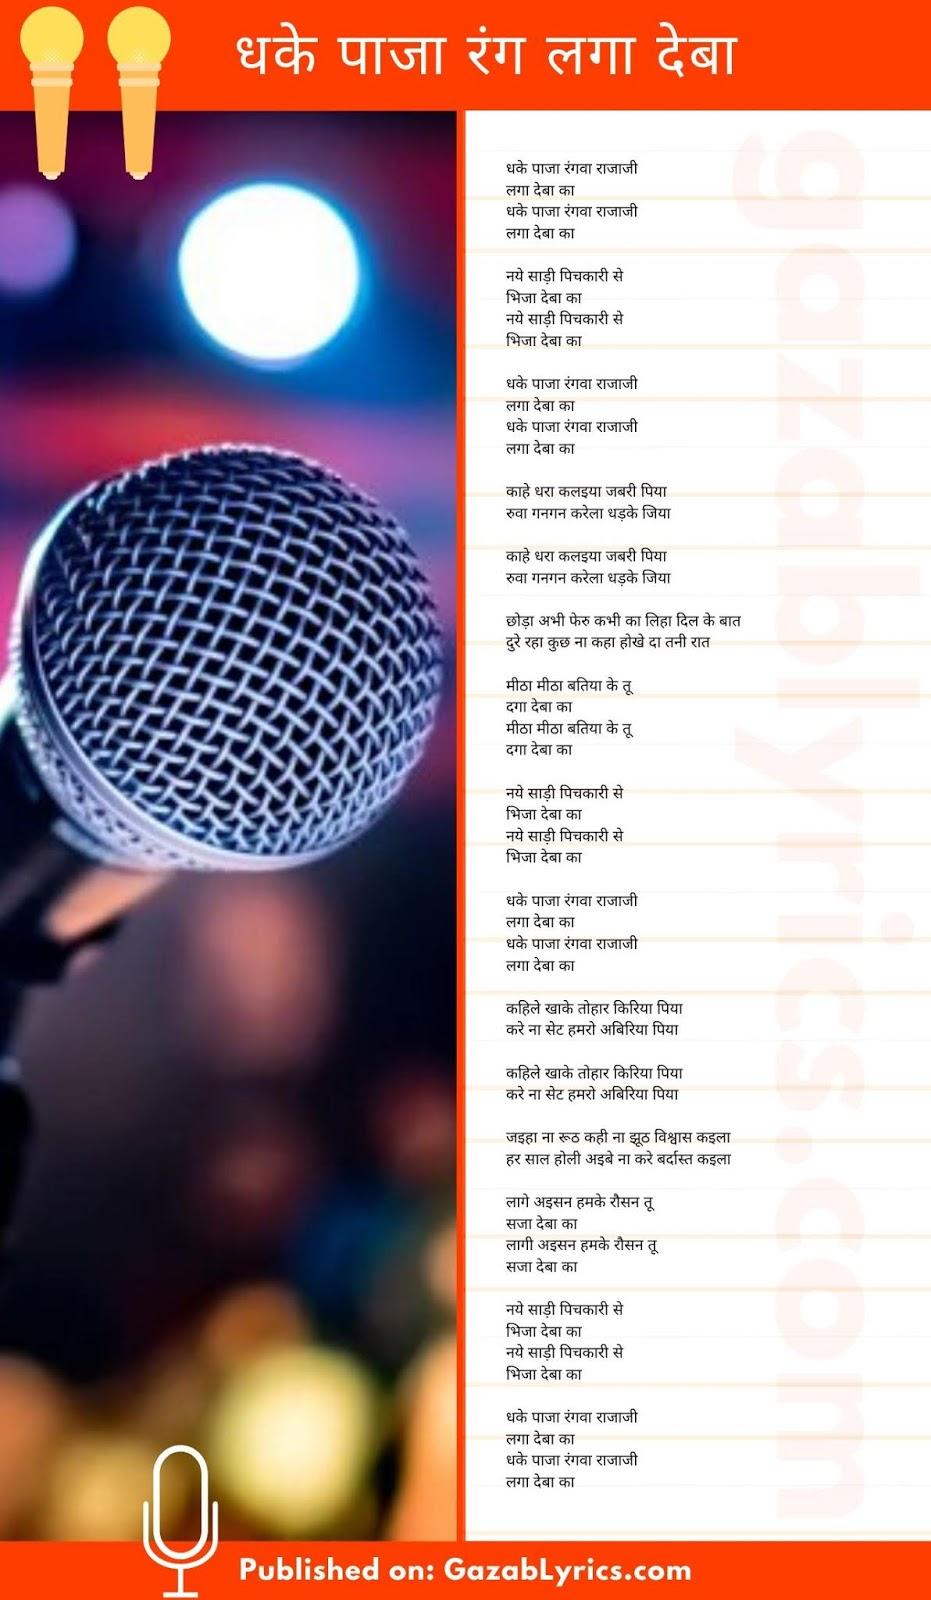 Dhake Paja Rang Laga Deba song lyrics image